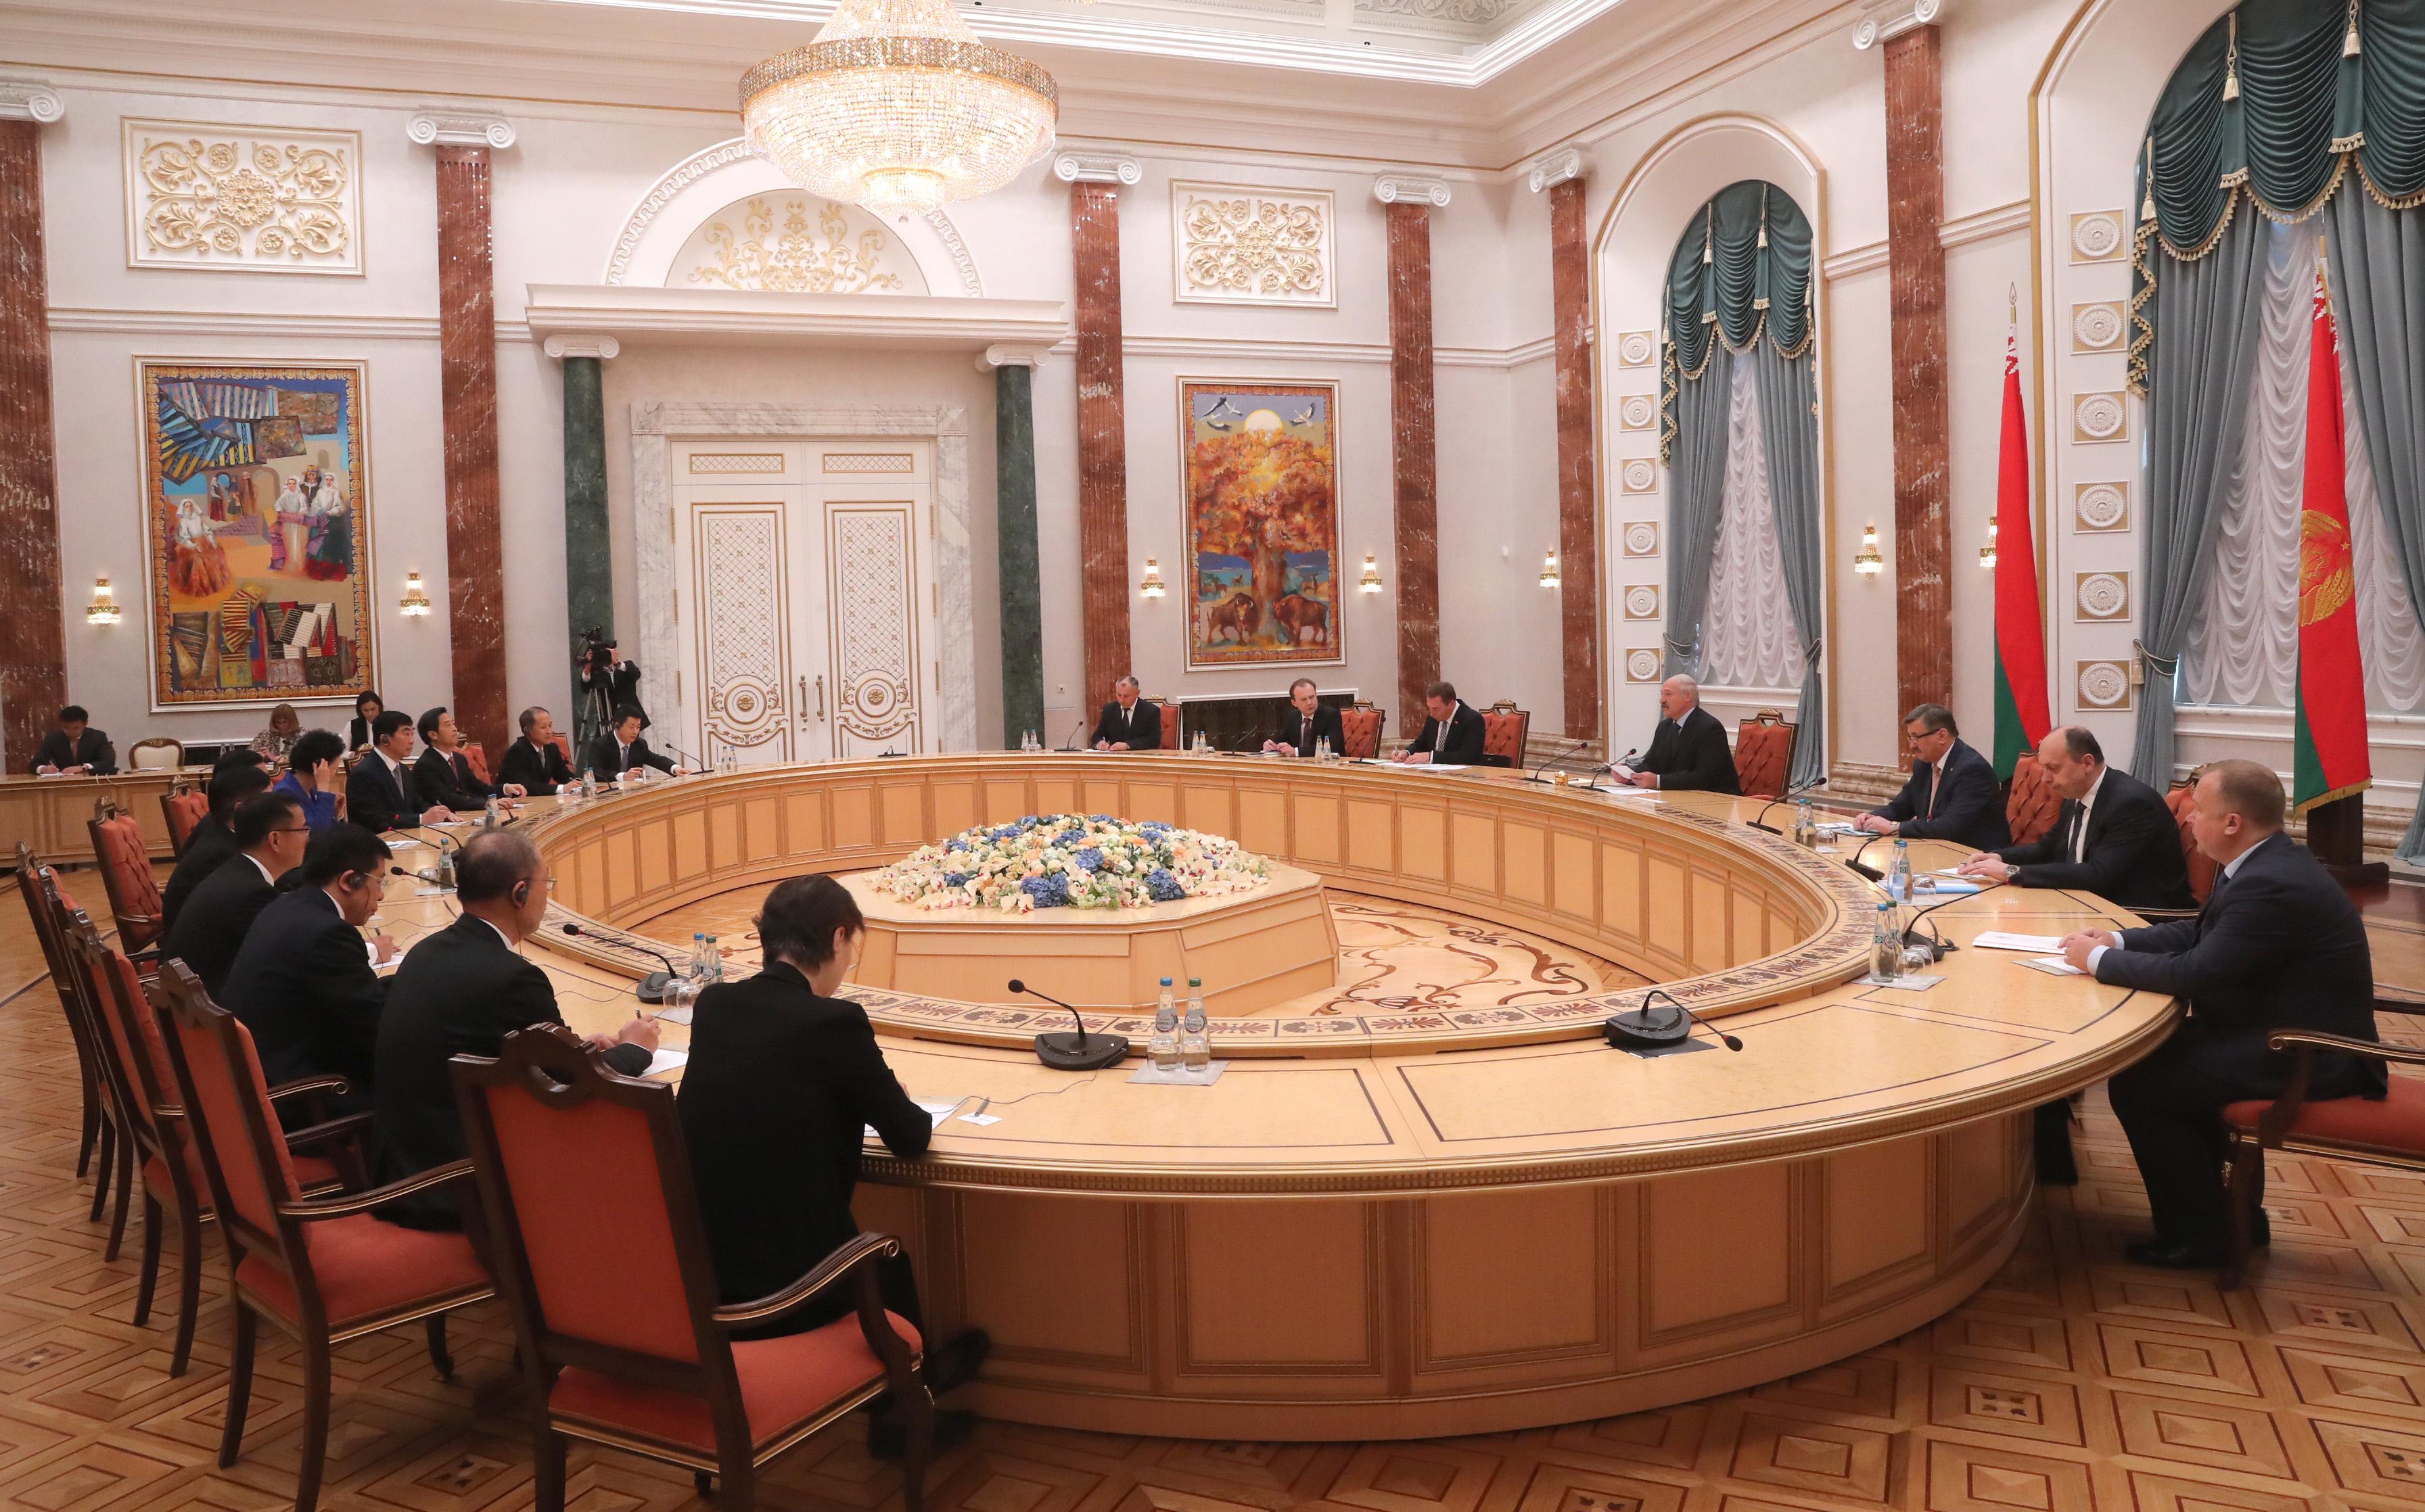 Лукашенко неисключил создания в промышленном парке «Великий камень» учреждений китайского ВПК